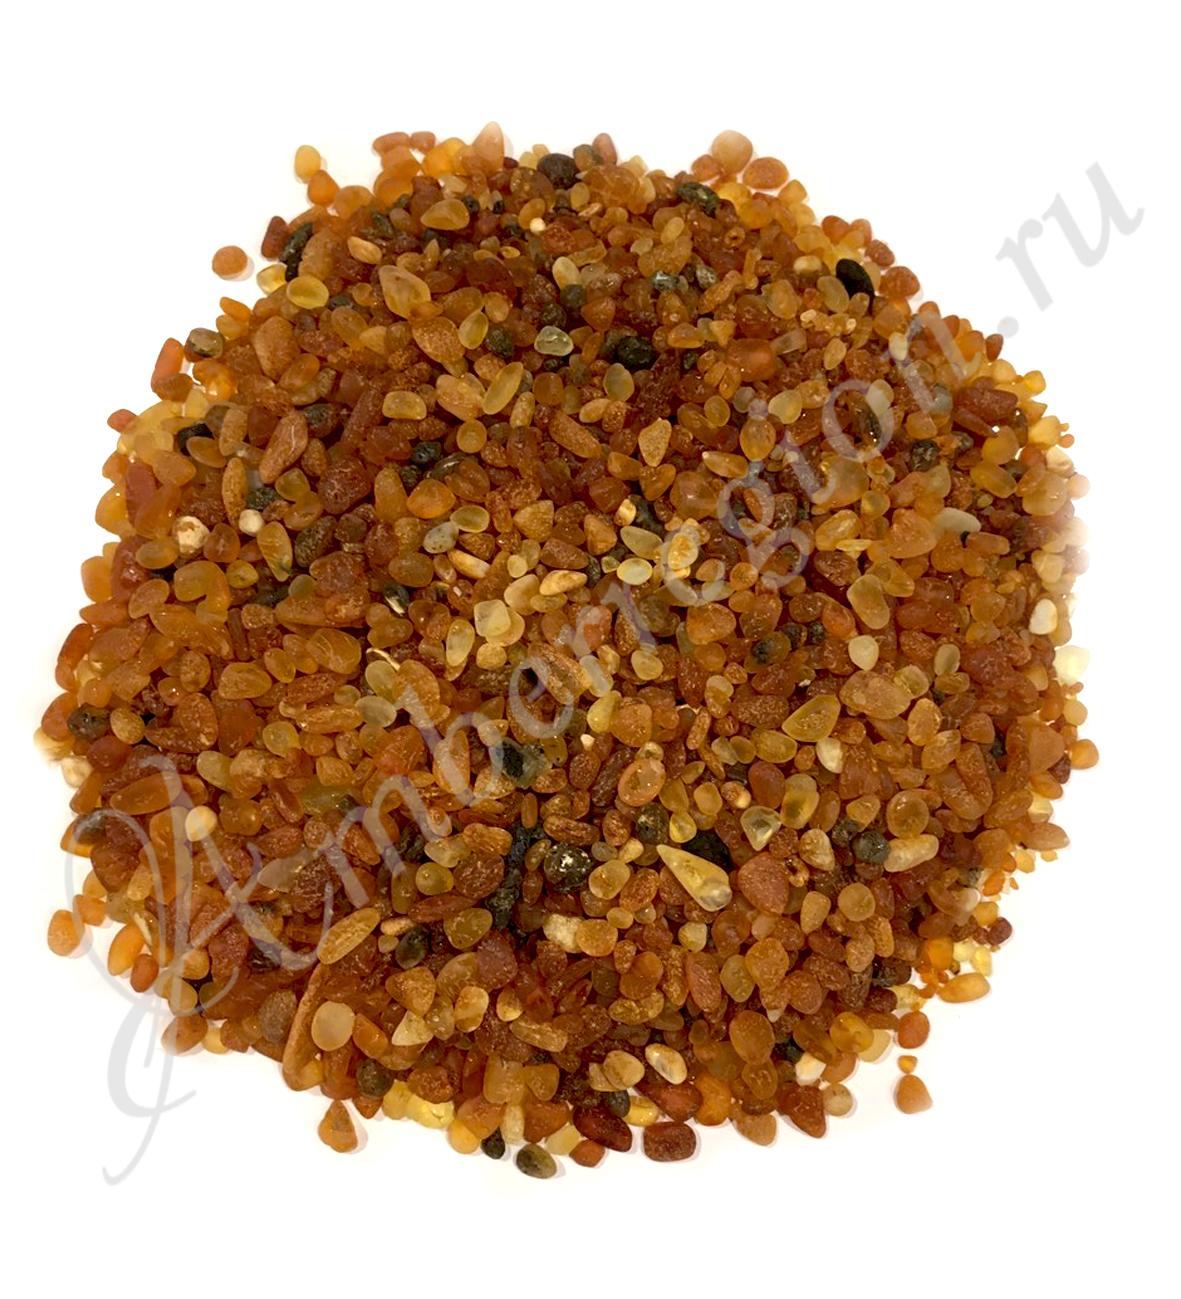 Янтарная крошка (тонкая, алмазная шлифовка) - 1000 рублей за 1 кг. В разделе ОПТ продается только упаковкой по 8 кг, ЦЕНА УПАКОВКИ 8000 рублей.